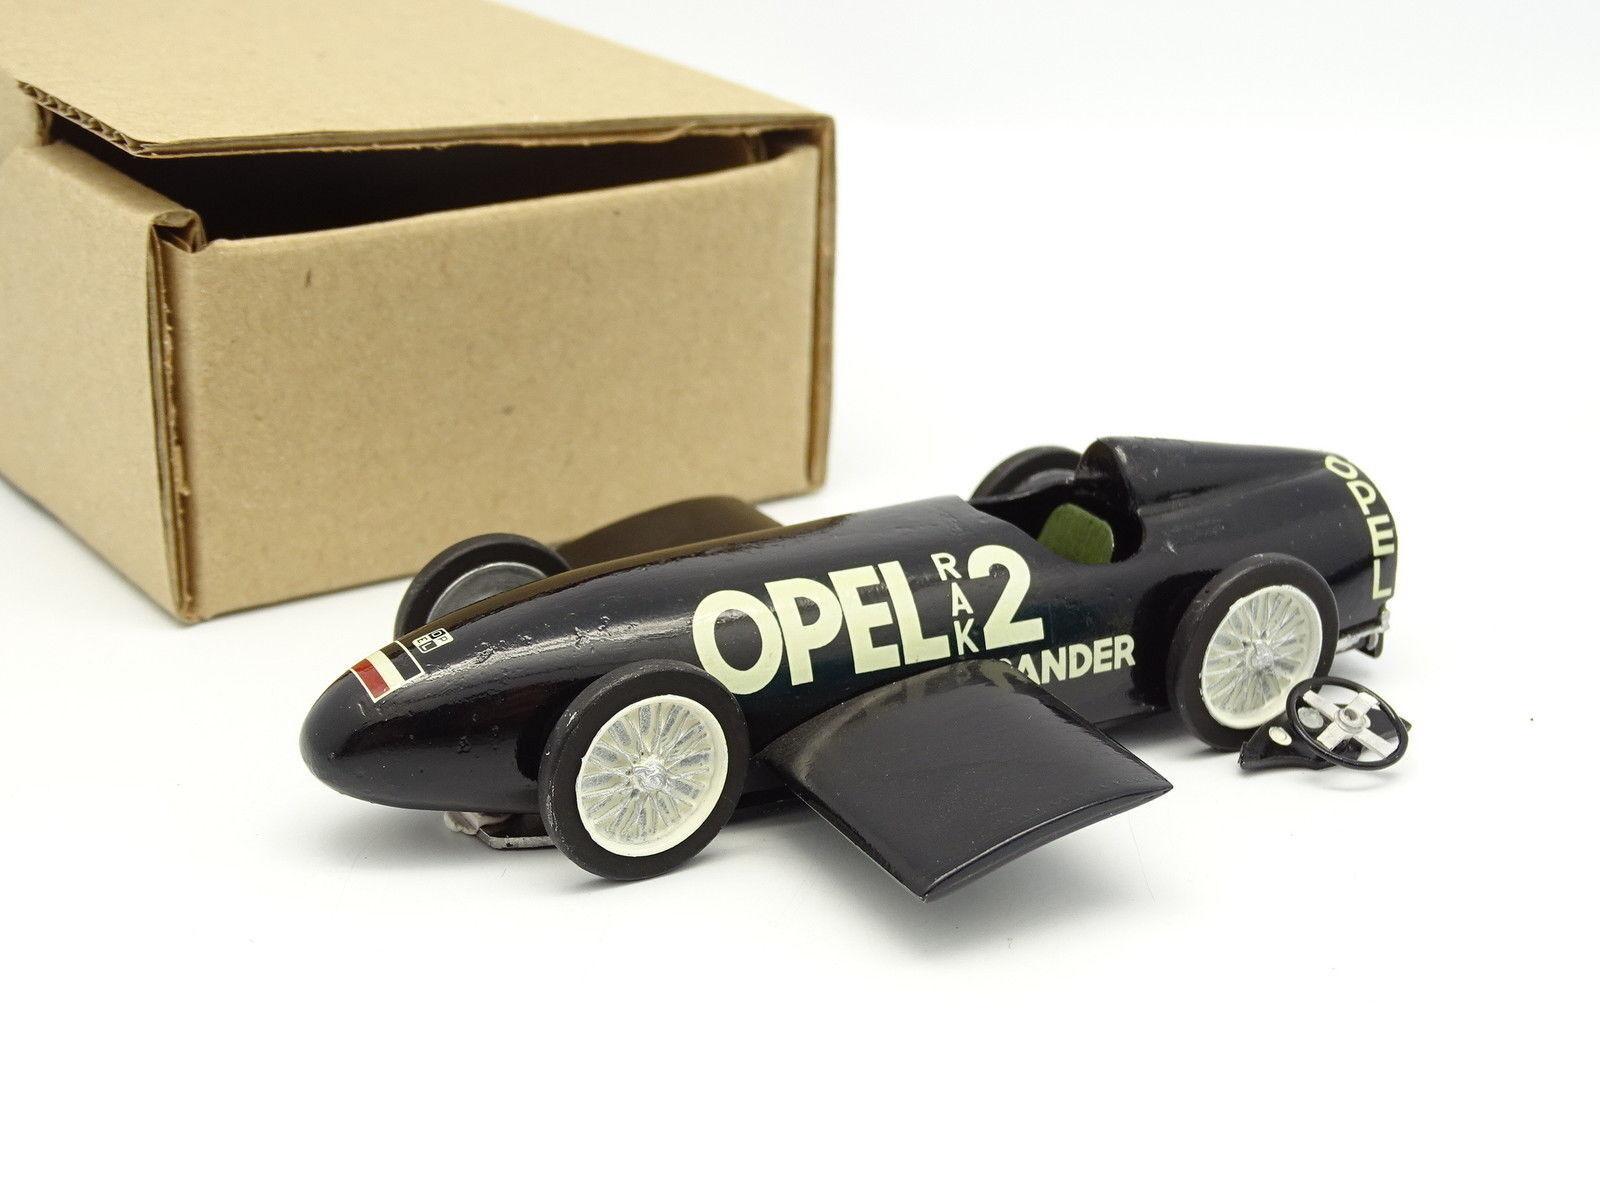 Oeste Modelos kit montado metal 1 43 - Opel Rak 2 Land Velocidad record 1928